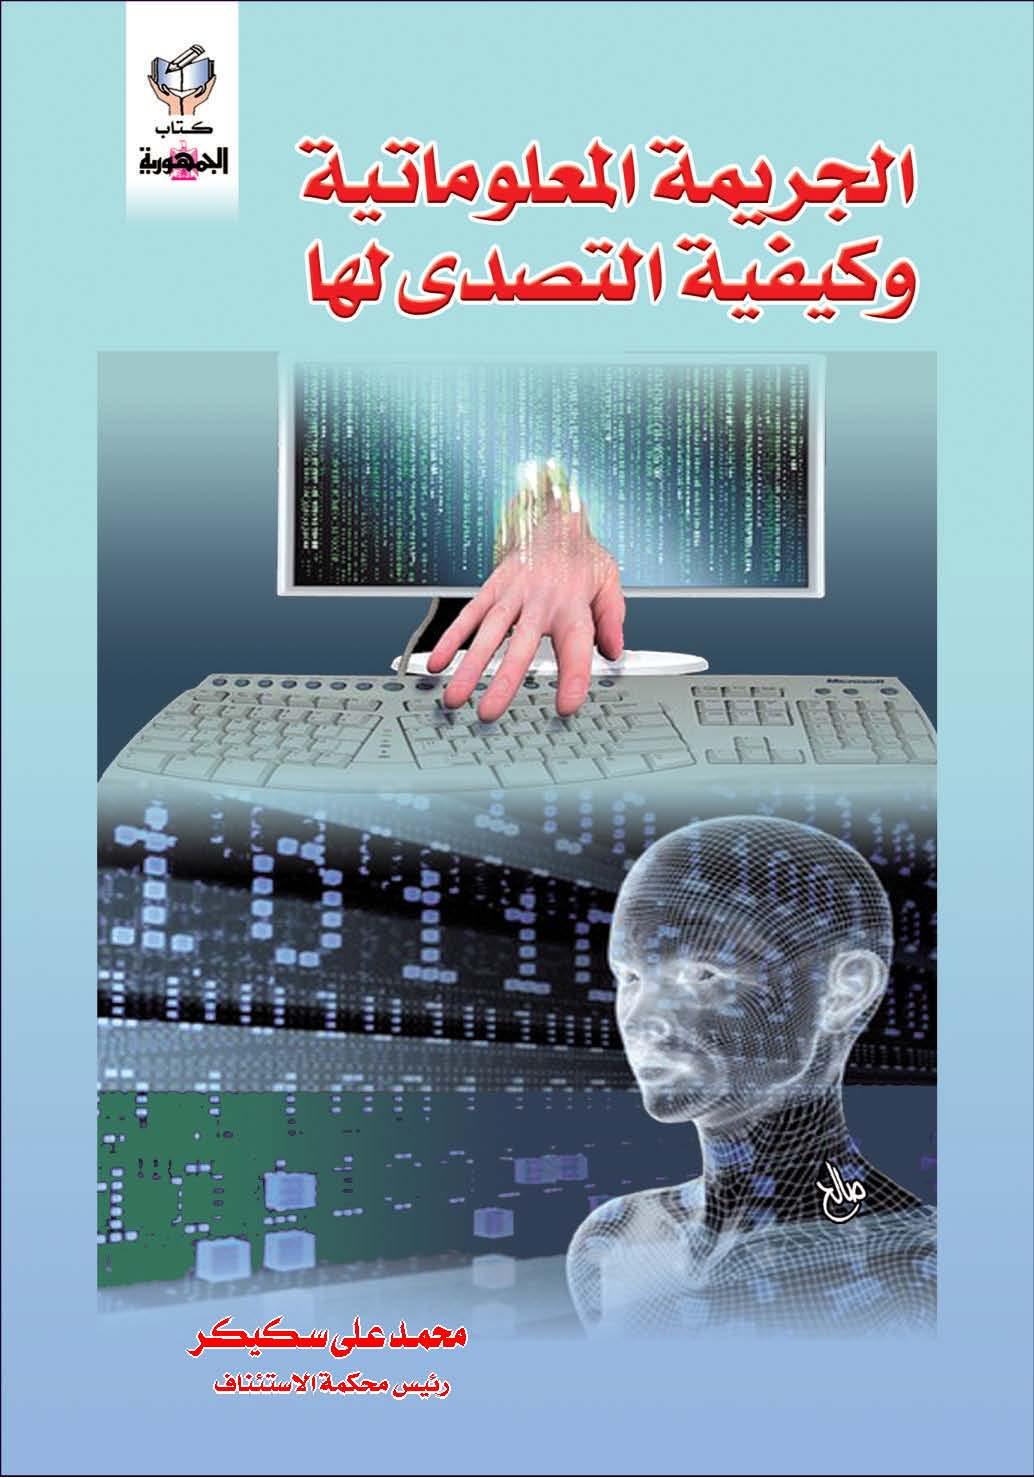 الجريمة المعلوماتية و كيفية التصدى لها